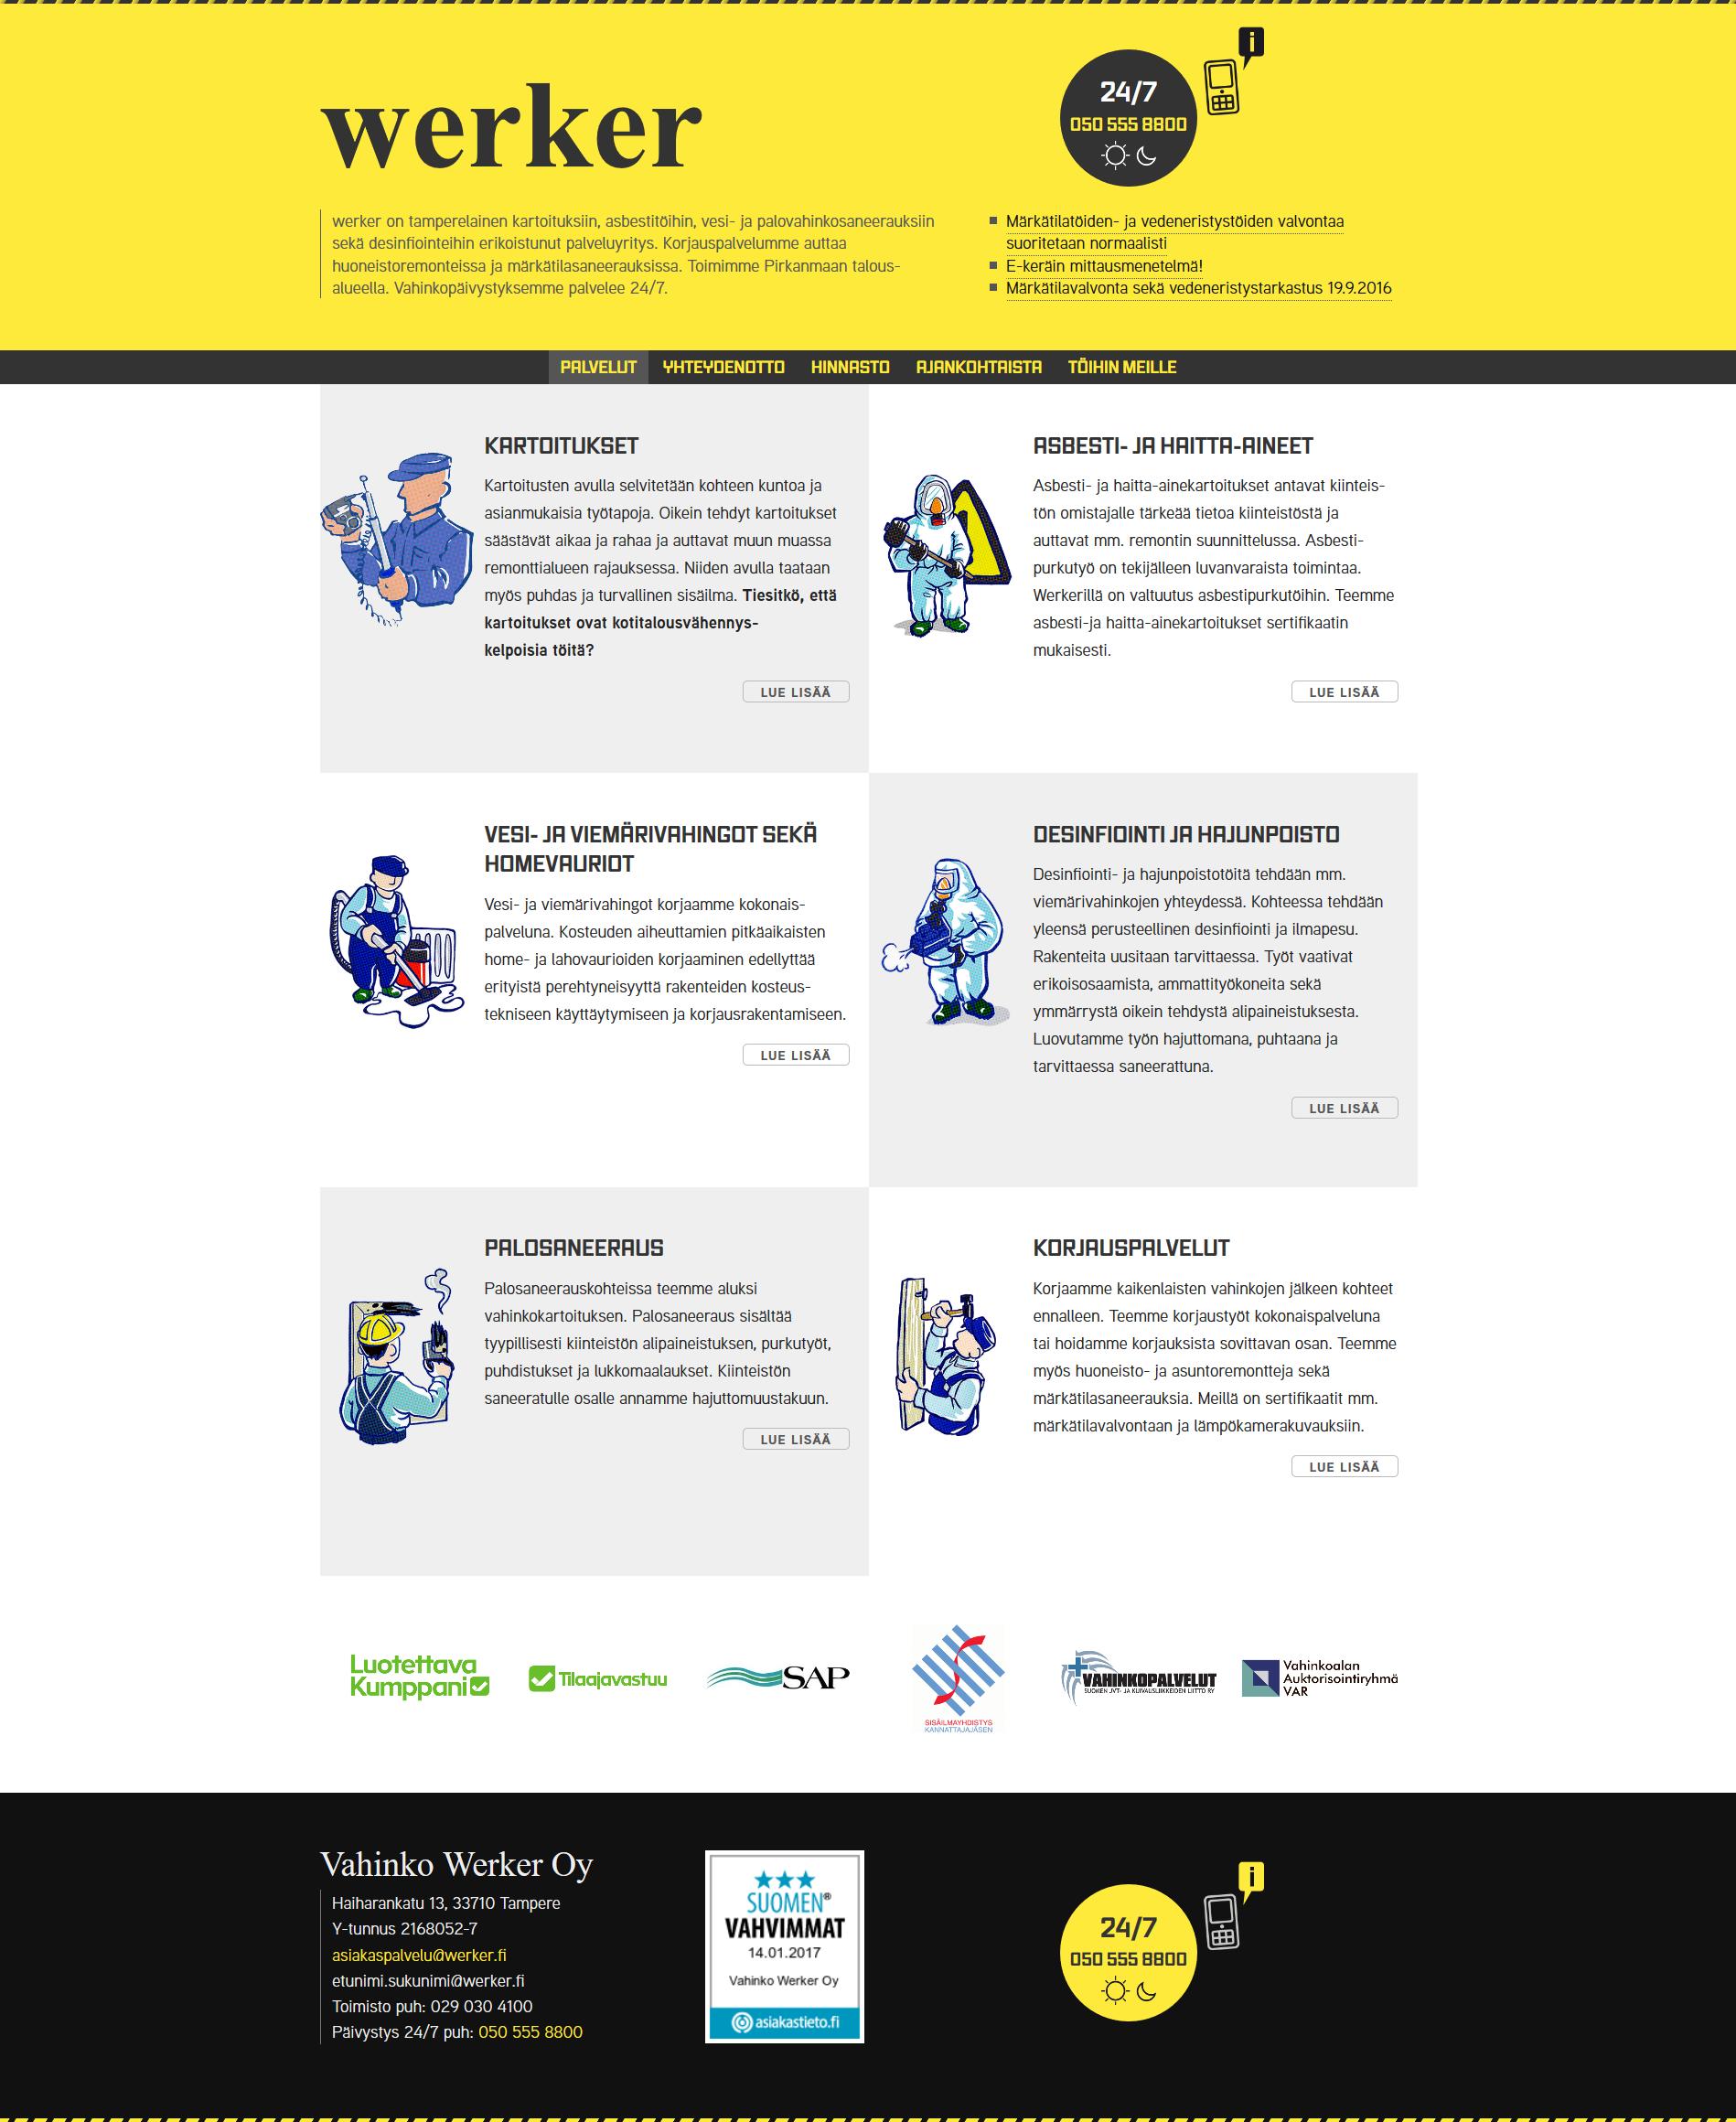 WERKER.FI - новый дизайн для финской компании